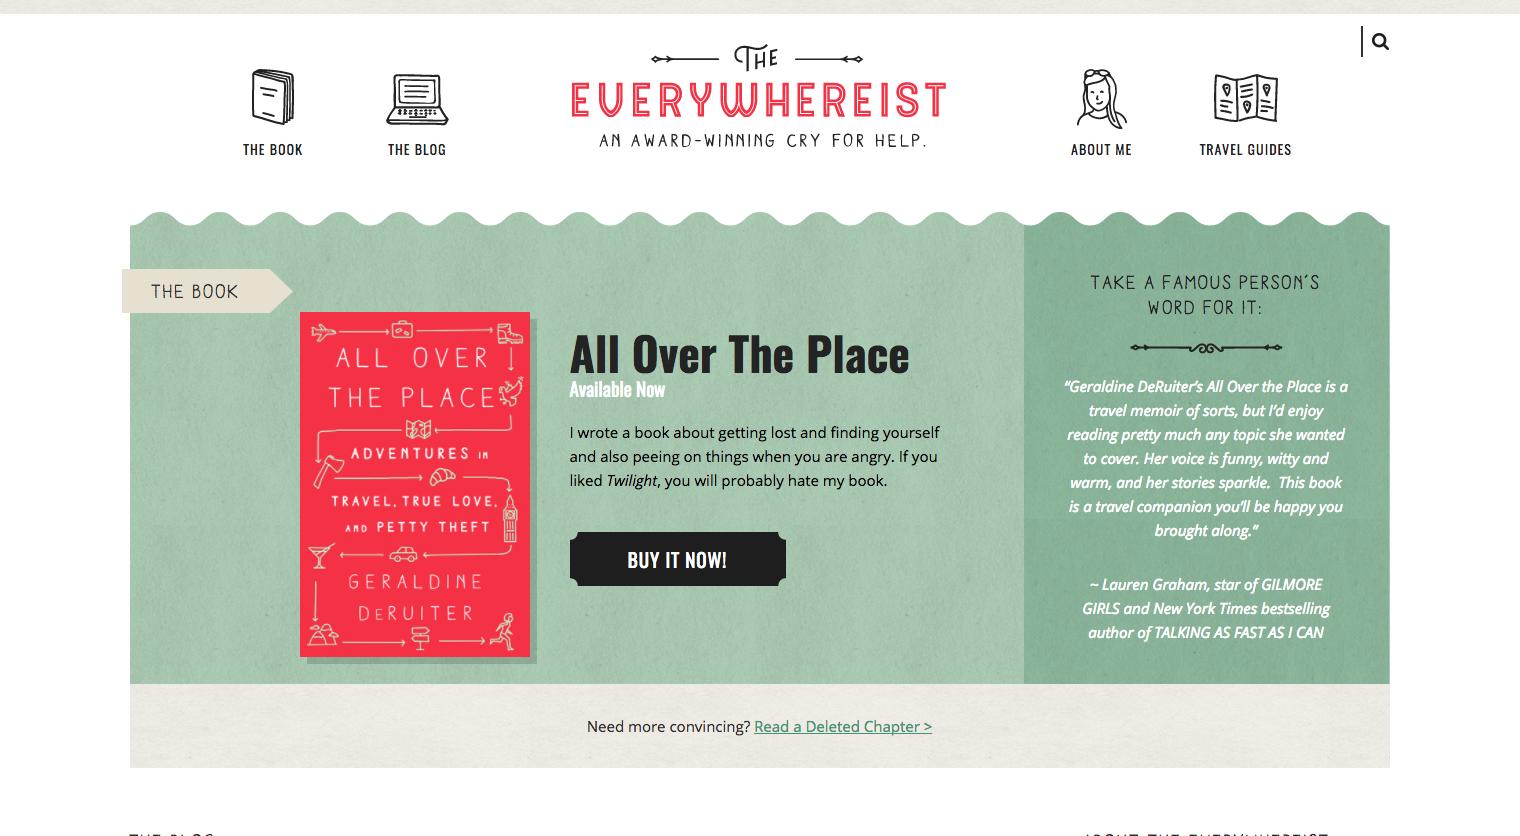 legjobb online társkereső weboldalak nyc